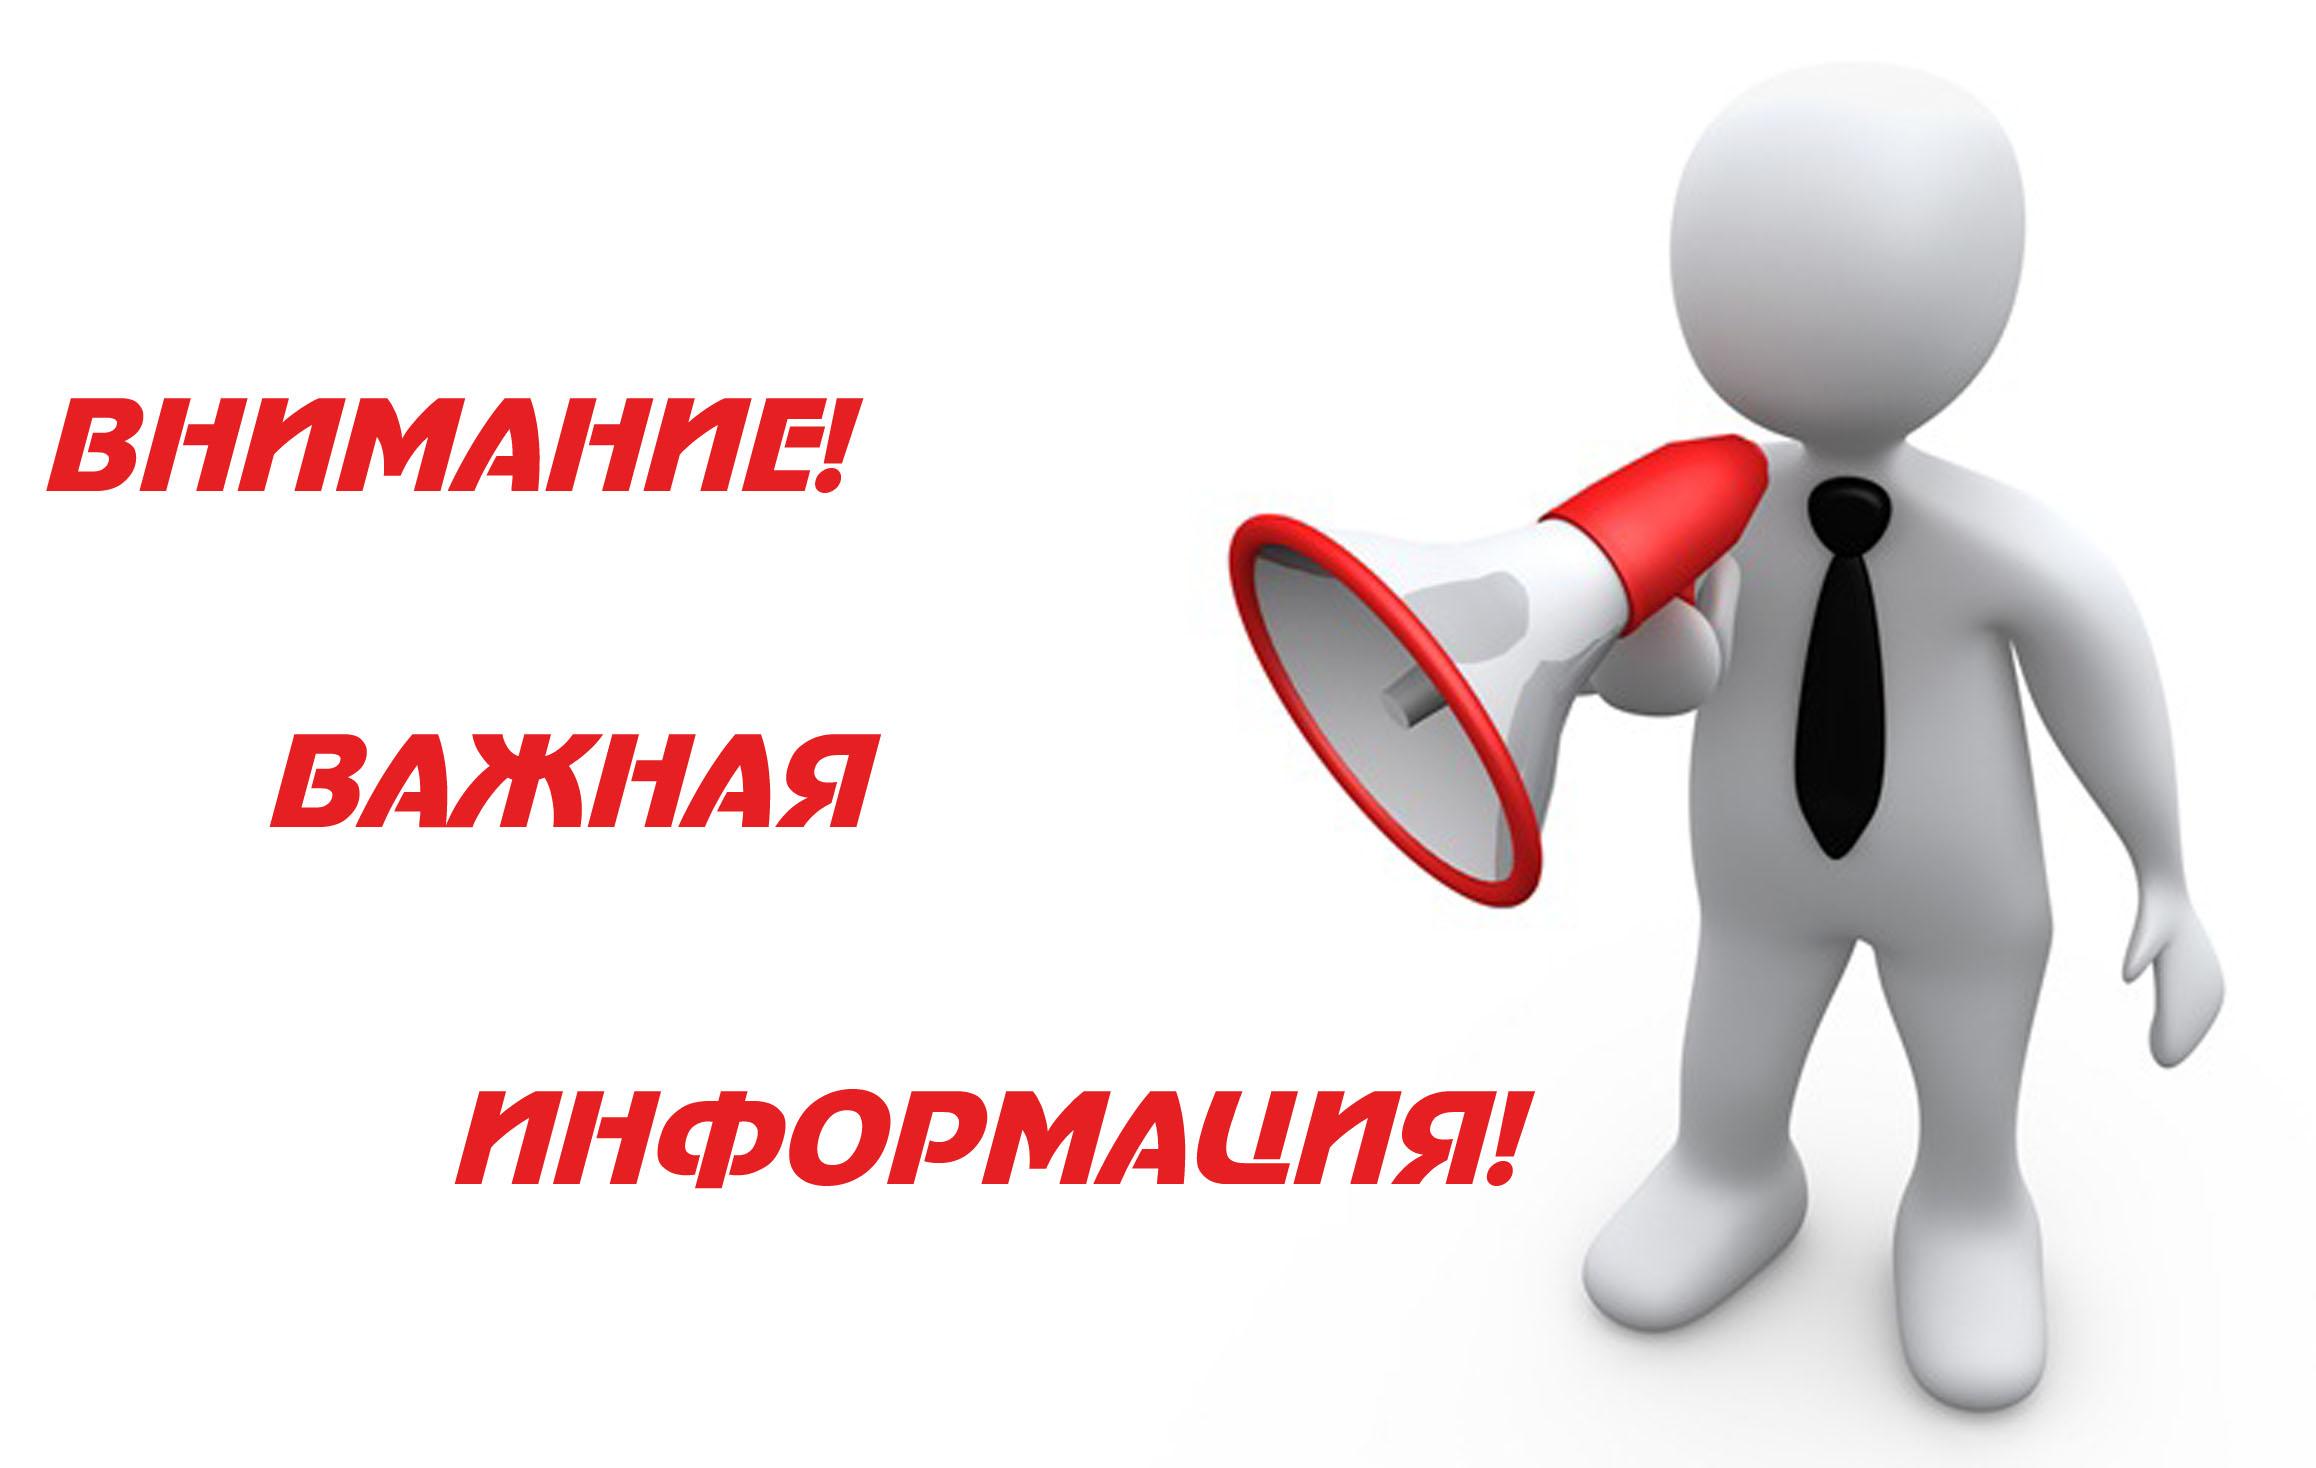 65b15d_840b13d2ddc9453398fdd360914878f9-mv2_d_2316_1468_s_2